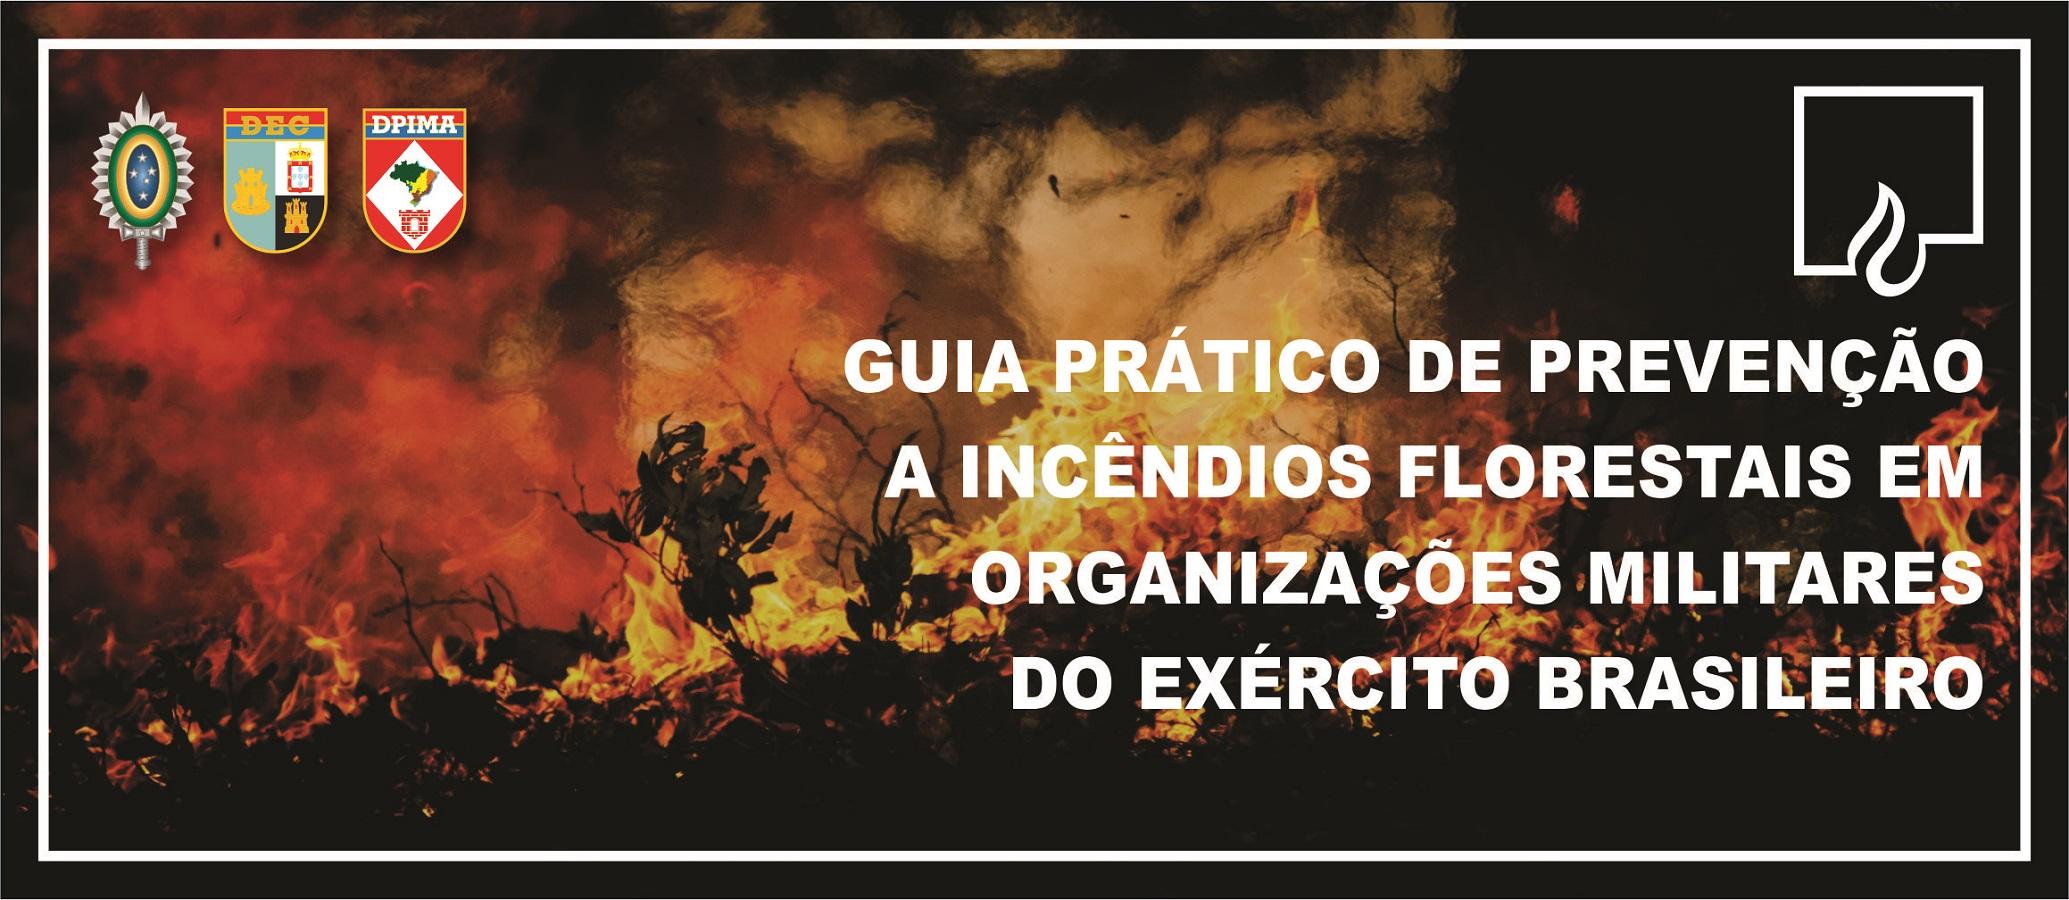 Guia Prático de Prevenção a incêndios florestais em Organizações Militares